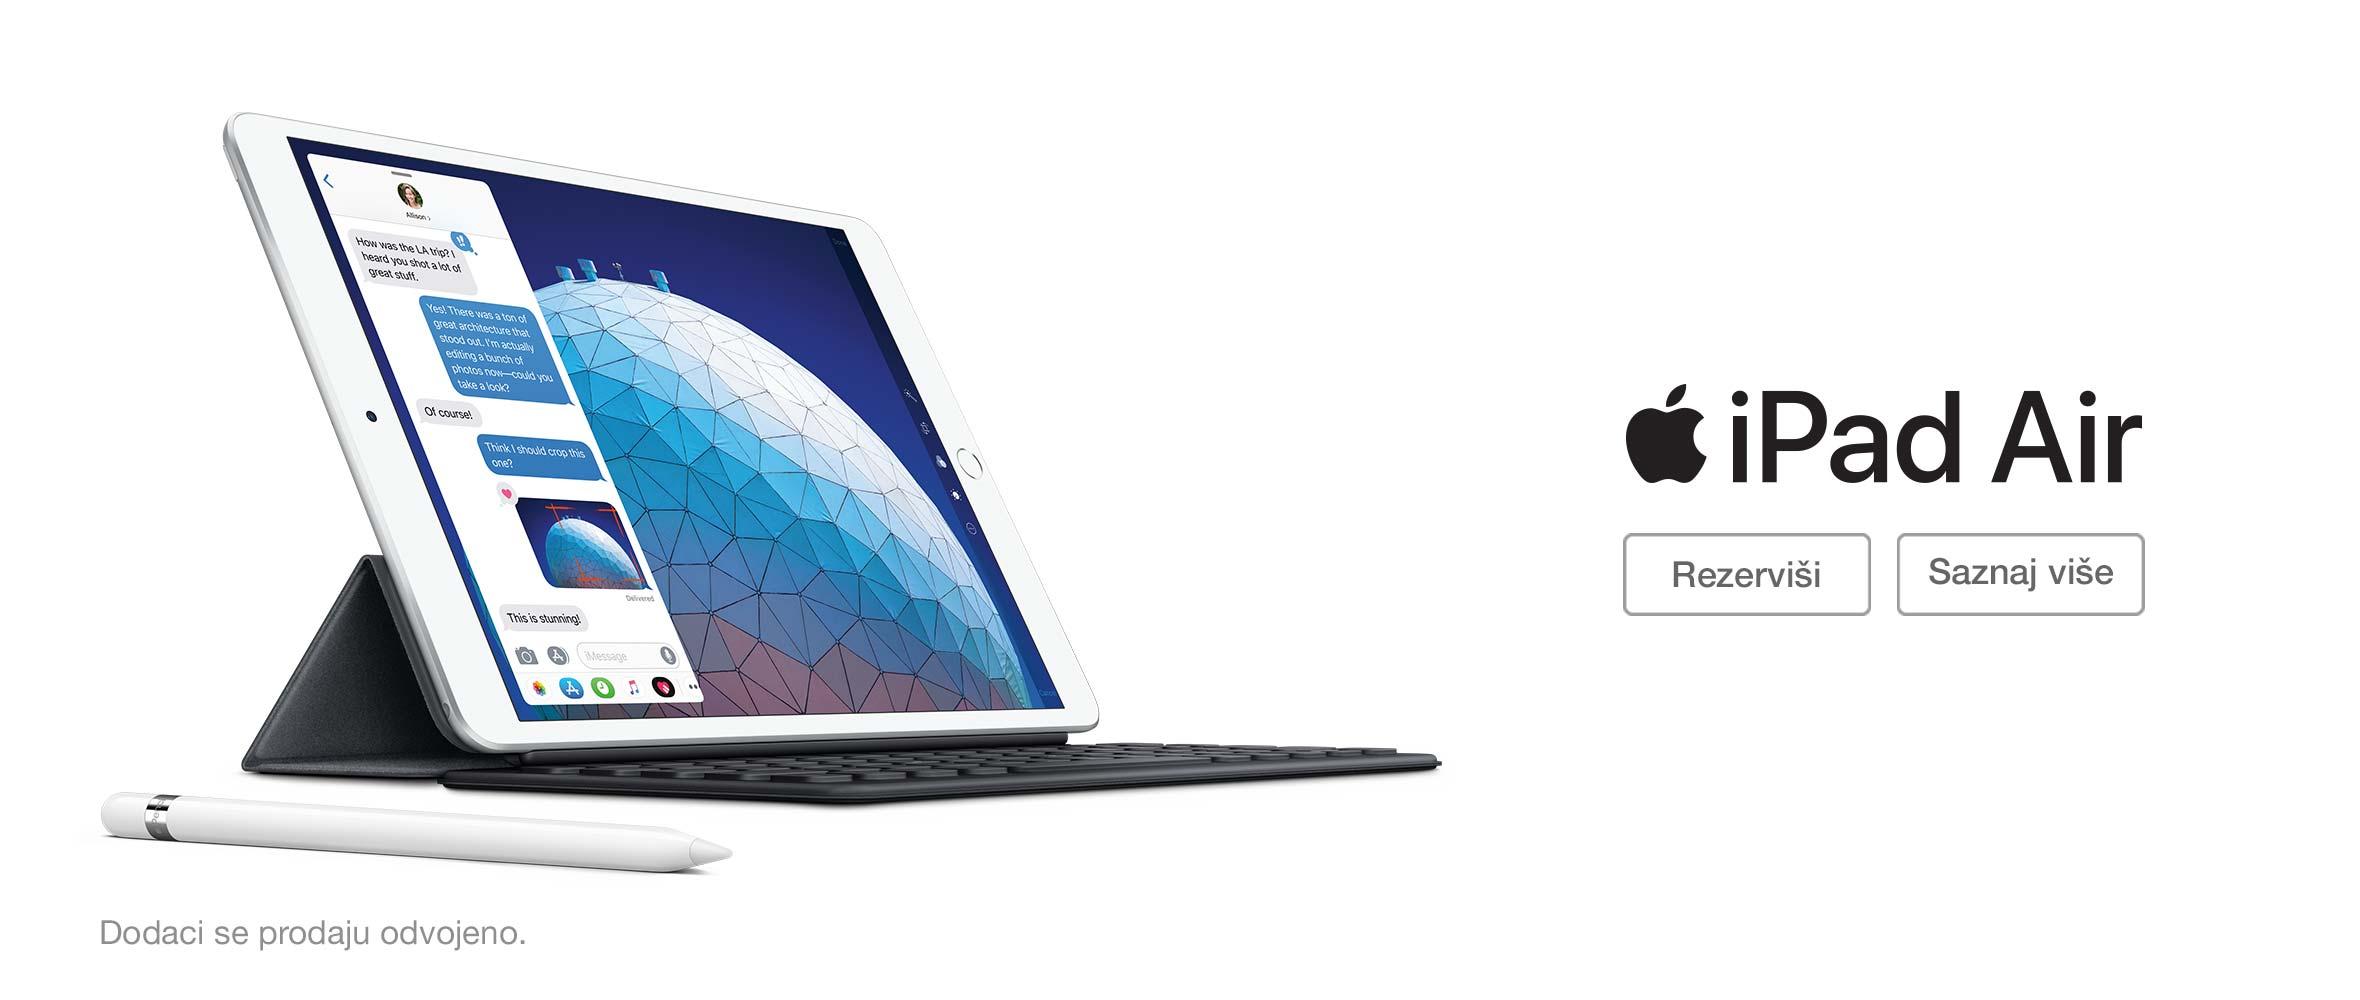 RS - iPad Air 2019